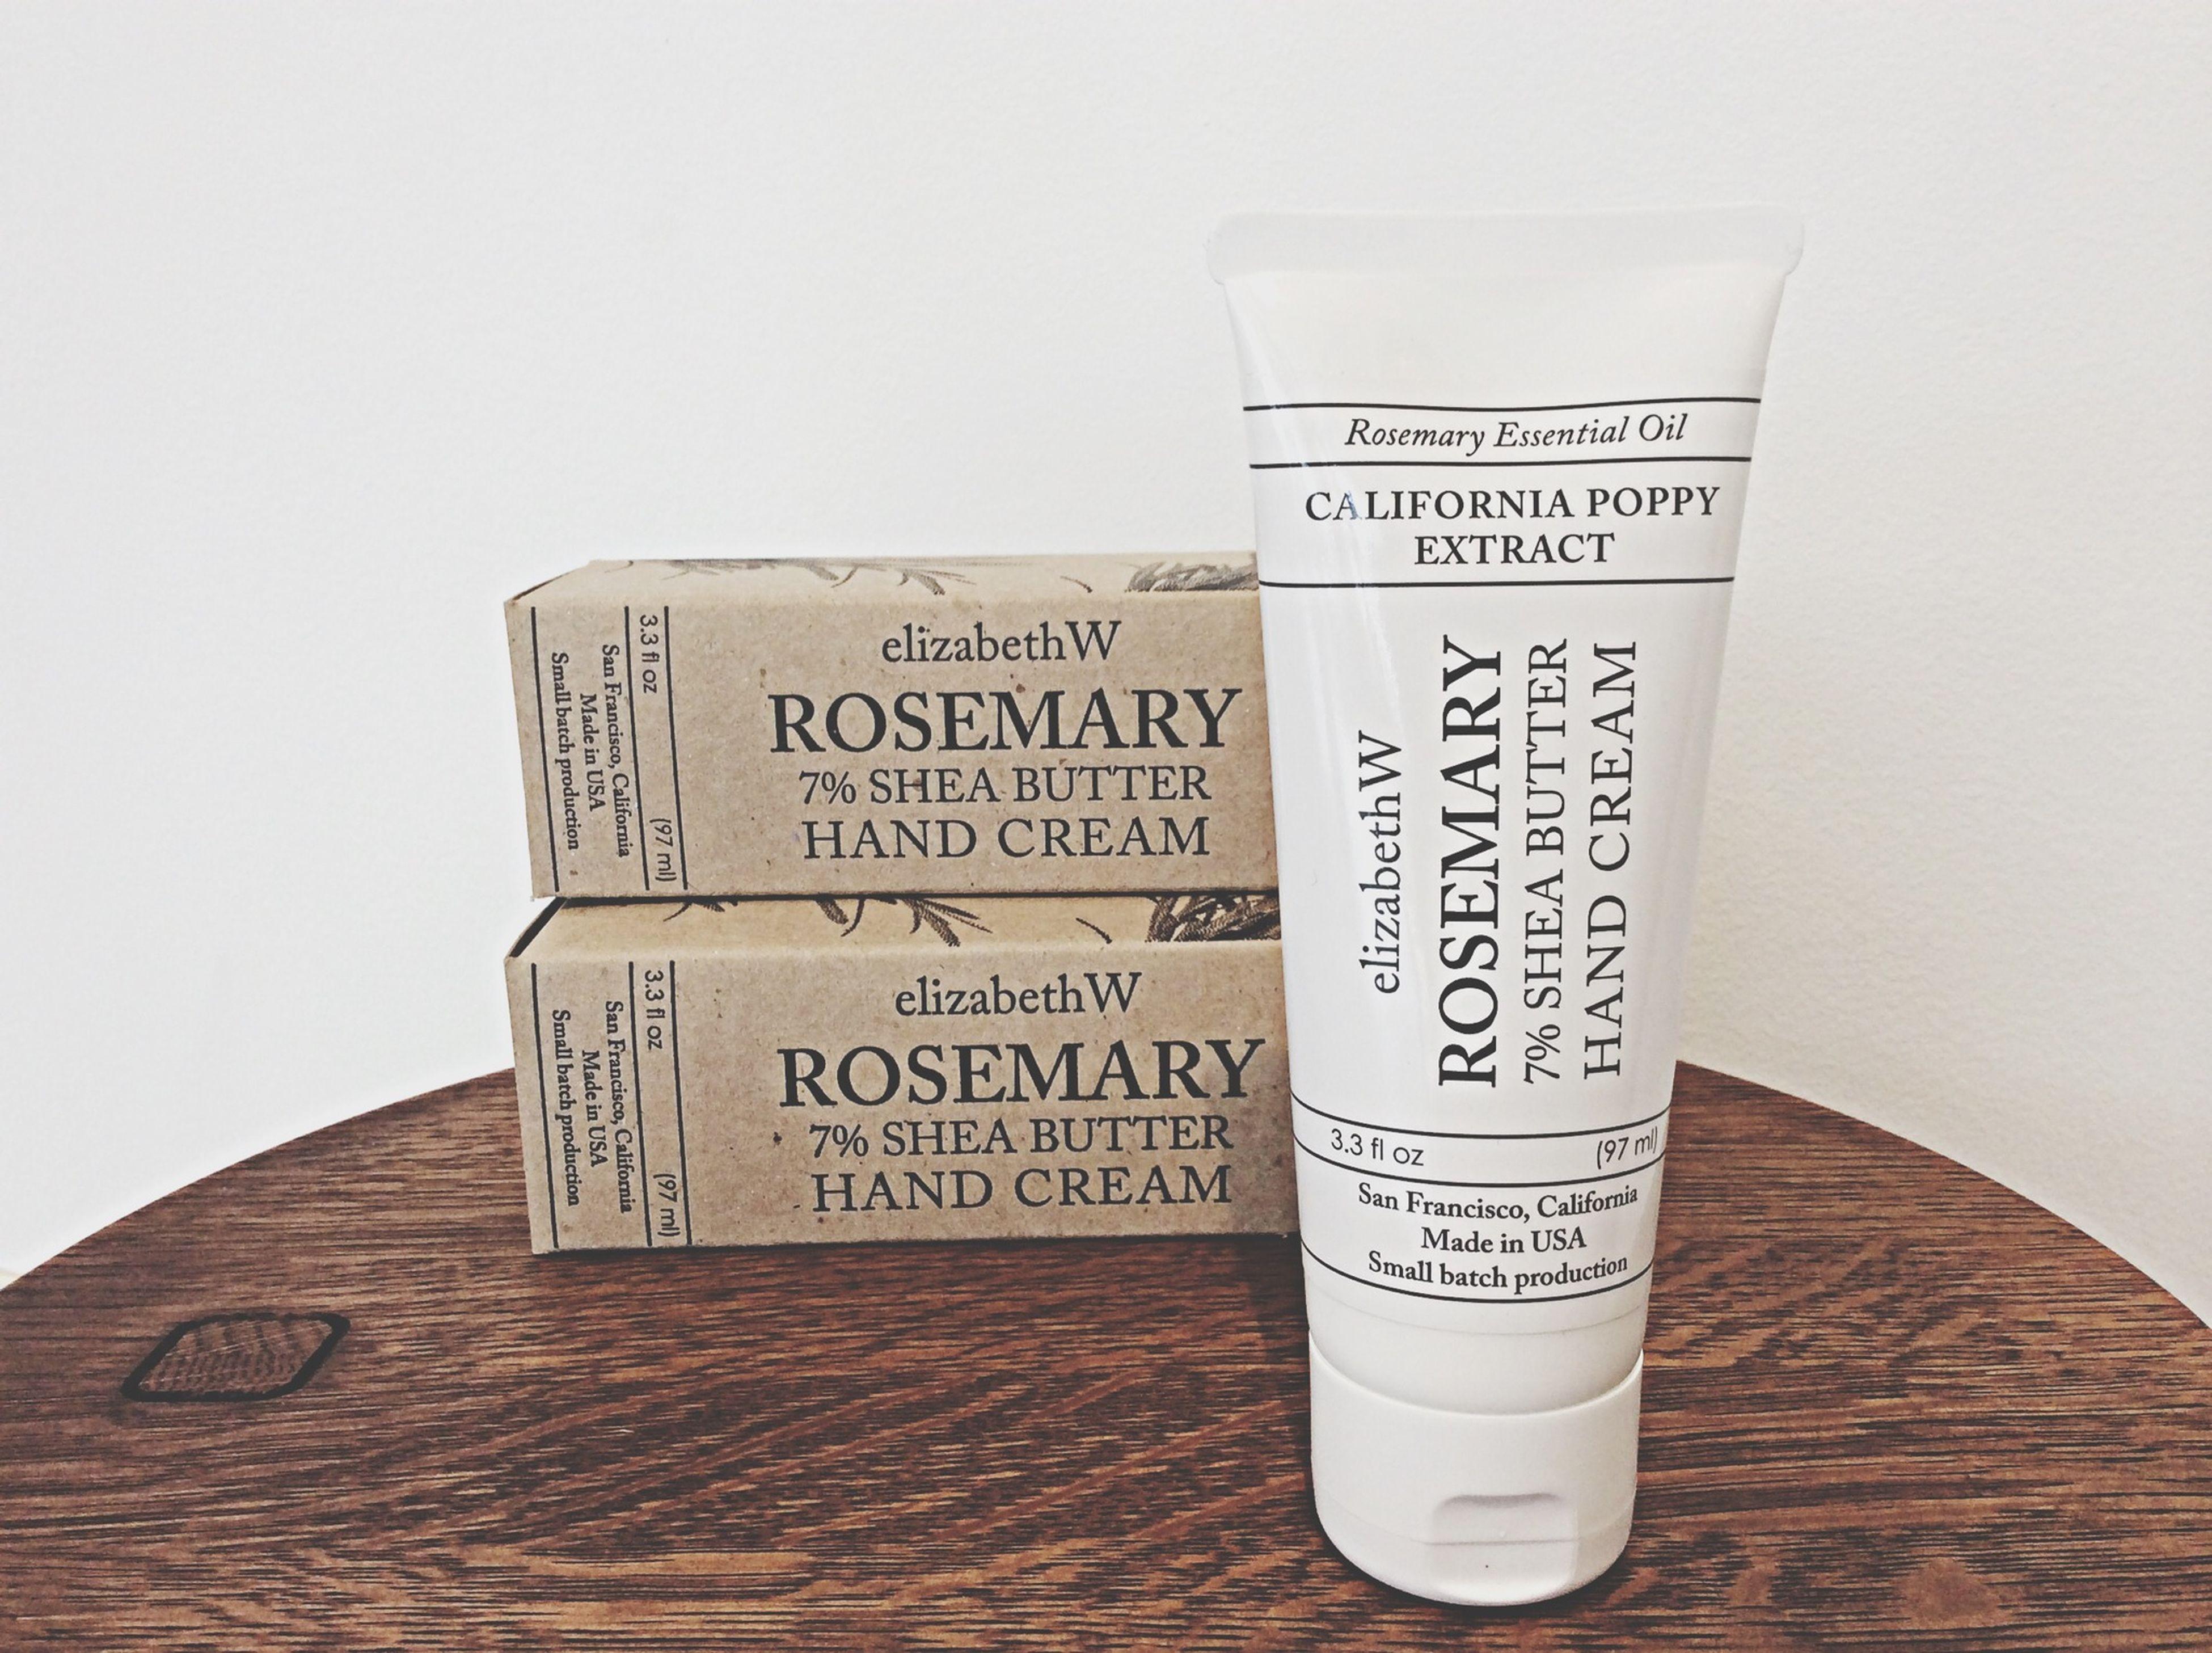 【 elizabeth W 】ローズマリーコレクション ハンドクリーム 97ml / ¥3,200+Tax :ローズマリーの清涼感ある香り。しっとりとしたつけ心地。 Elizabeth W Rosemary